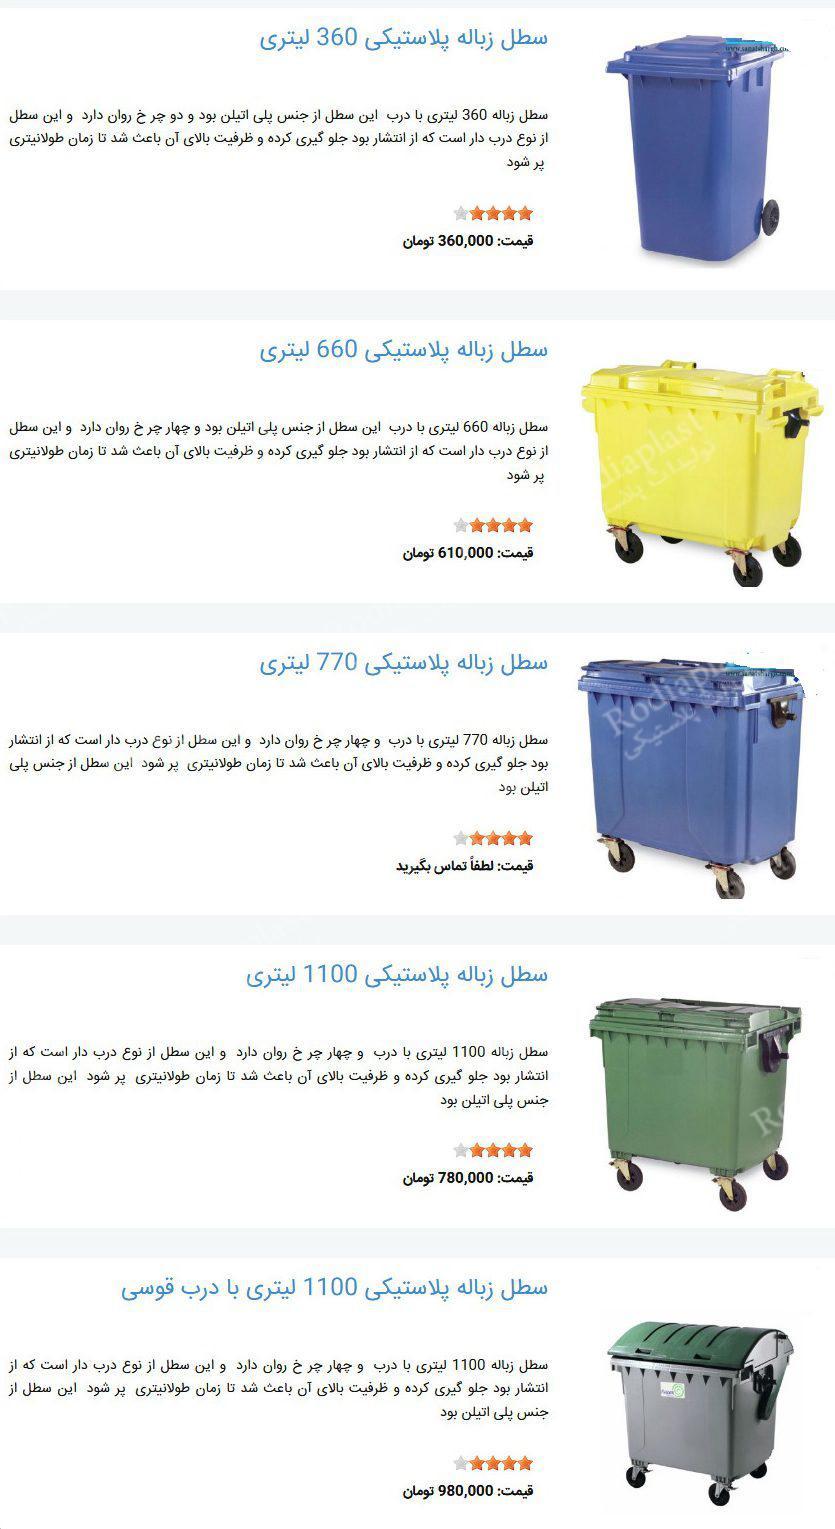 سطل زباله چرخدار بزرگ